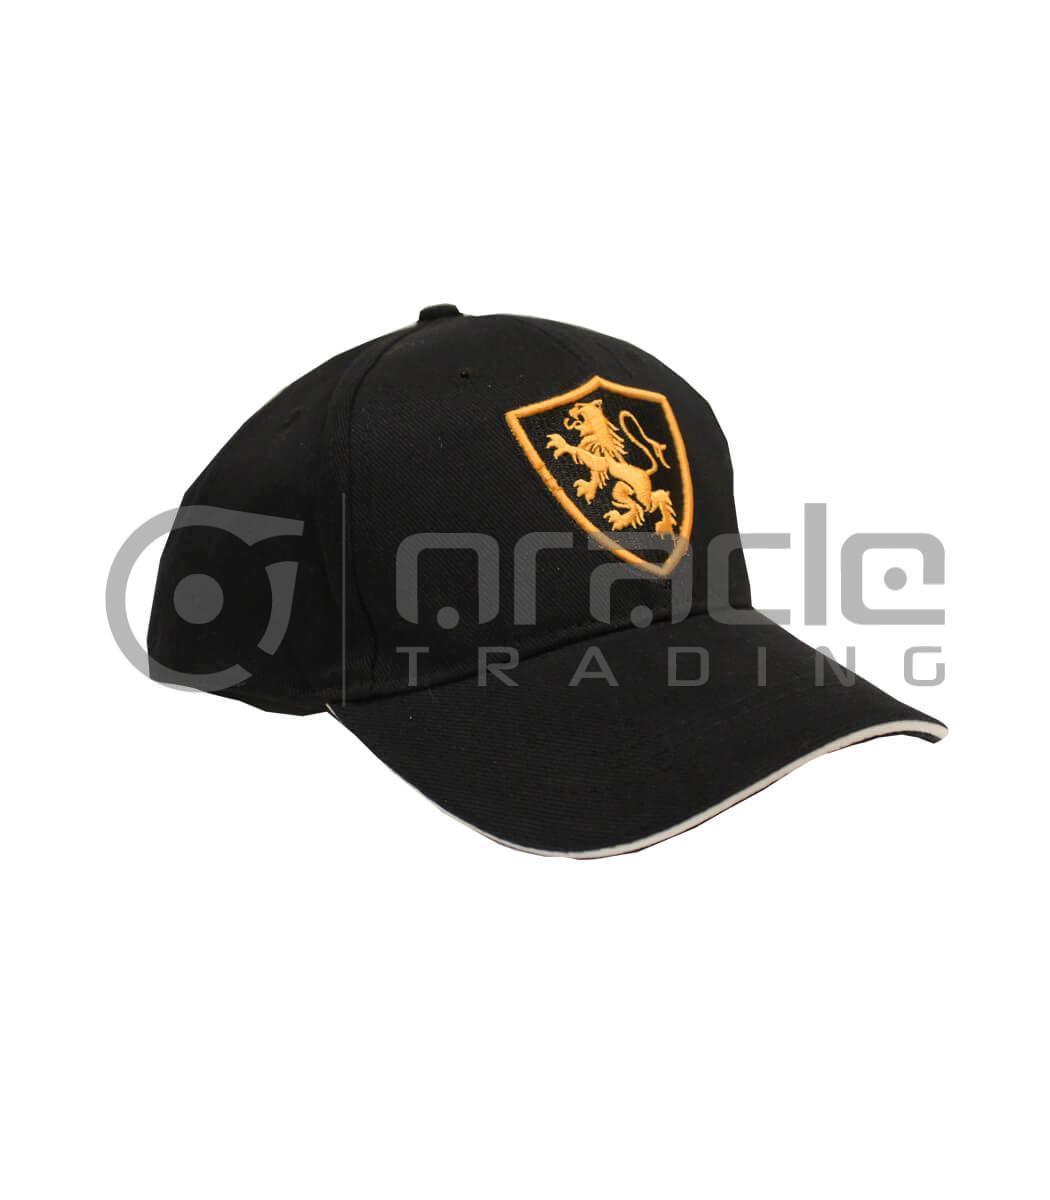 Holland Vintage Hat